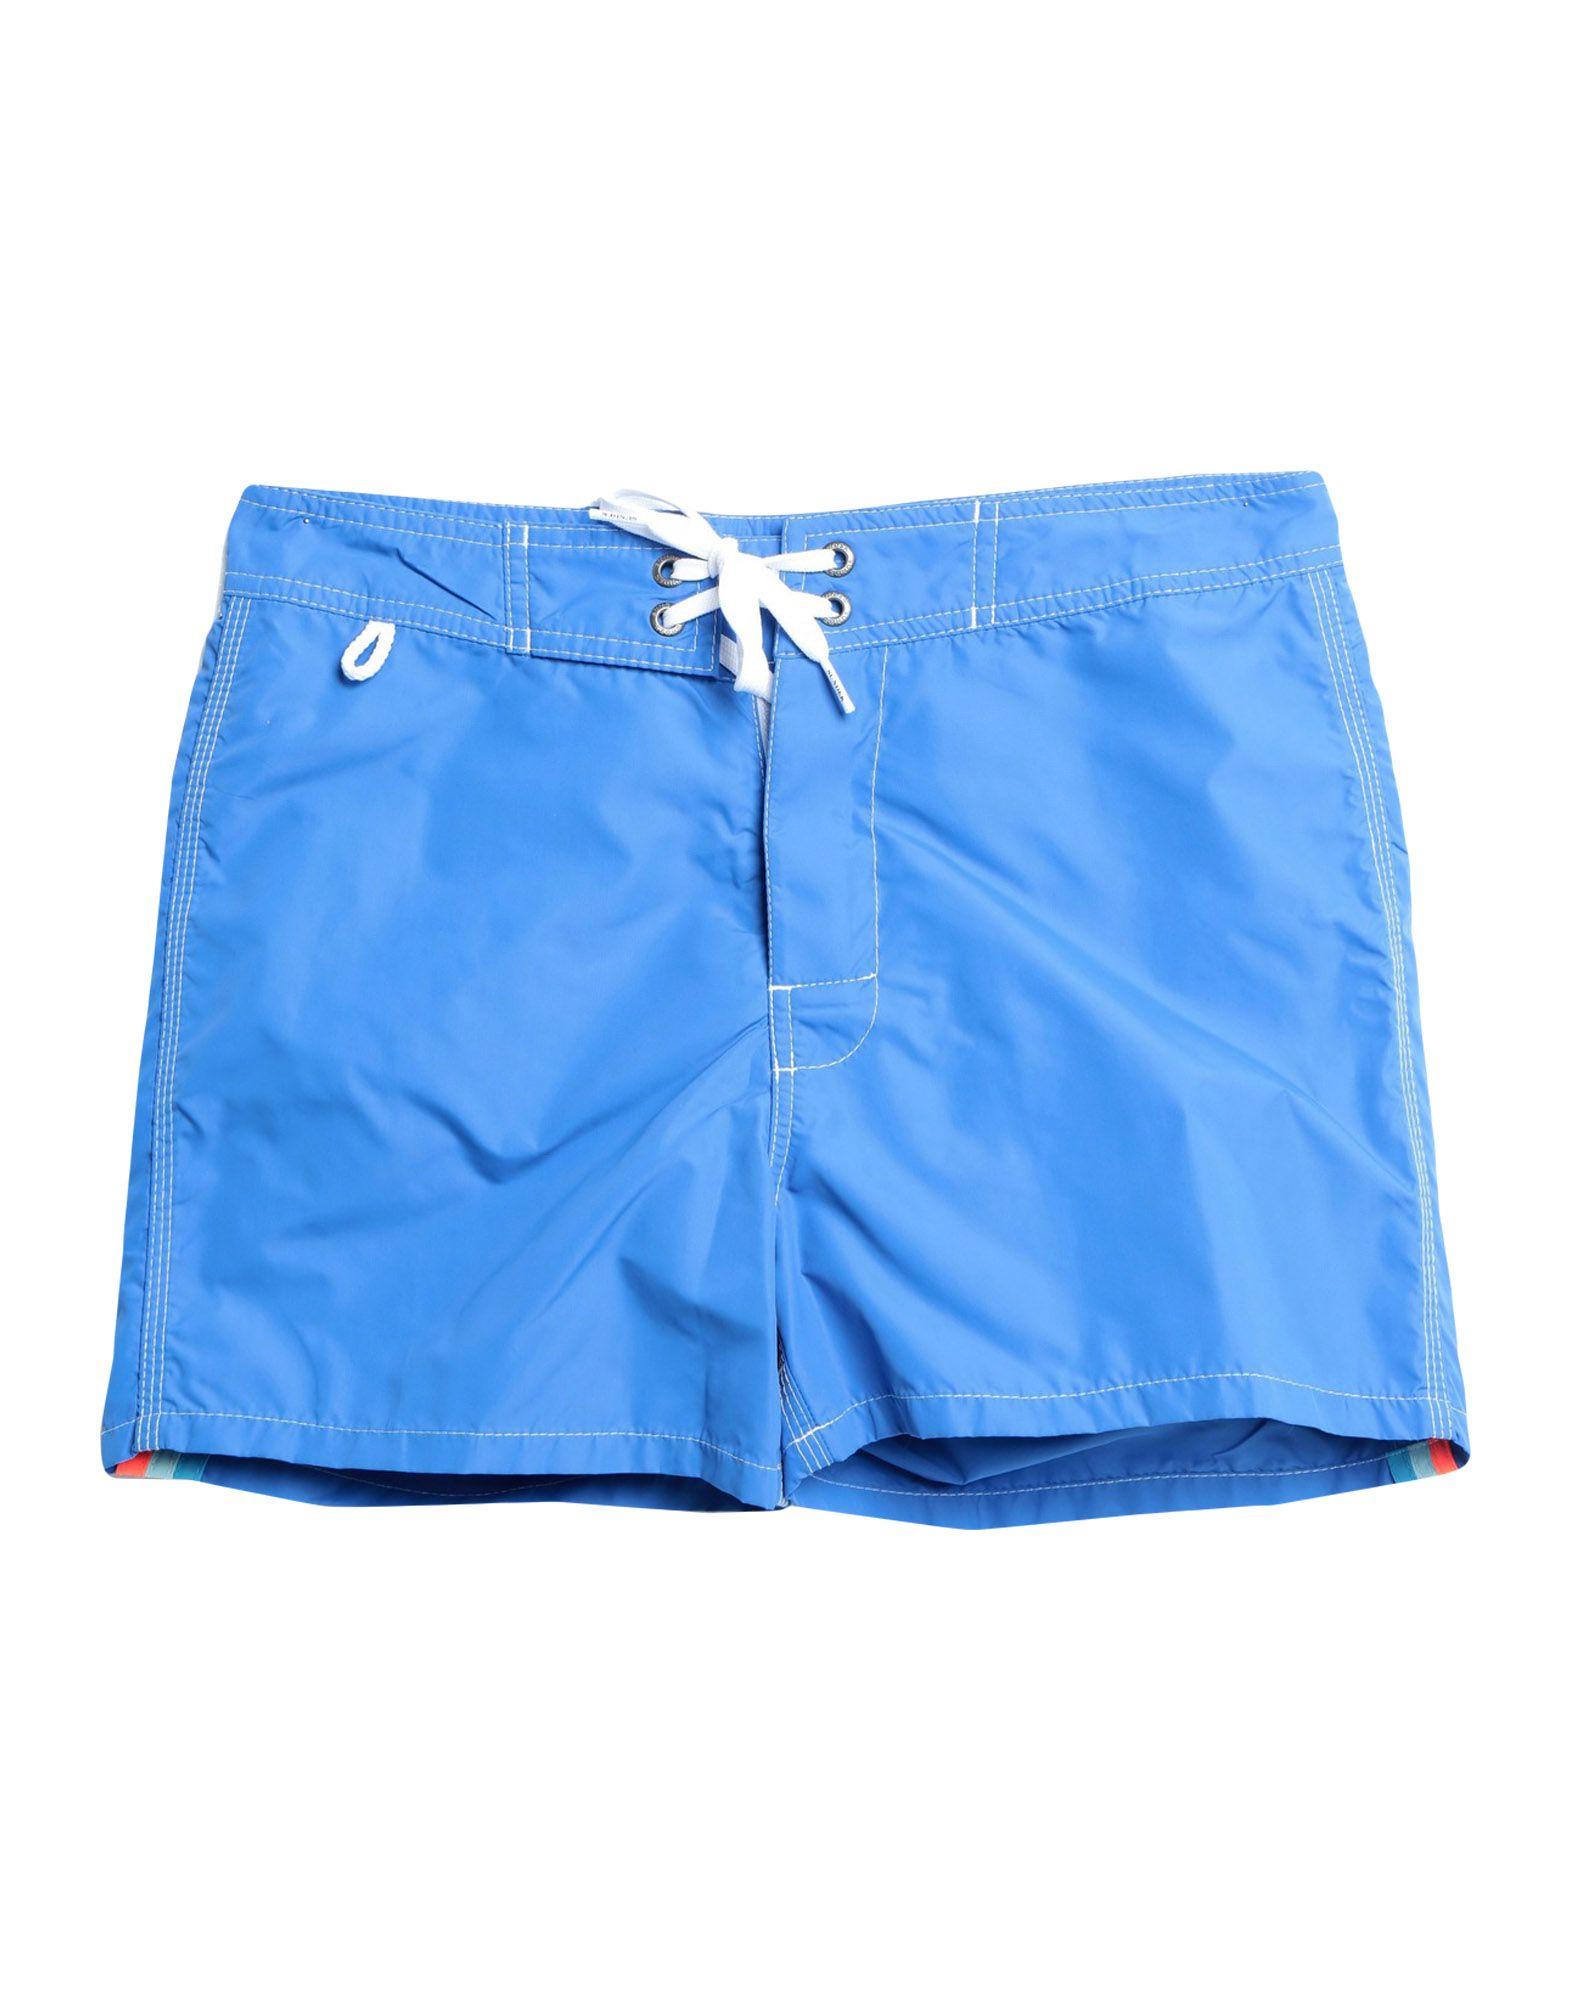 9792d279b3 Sundek Swim Trunks In Blue | ModeSens